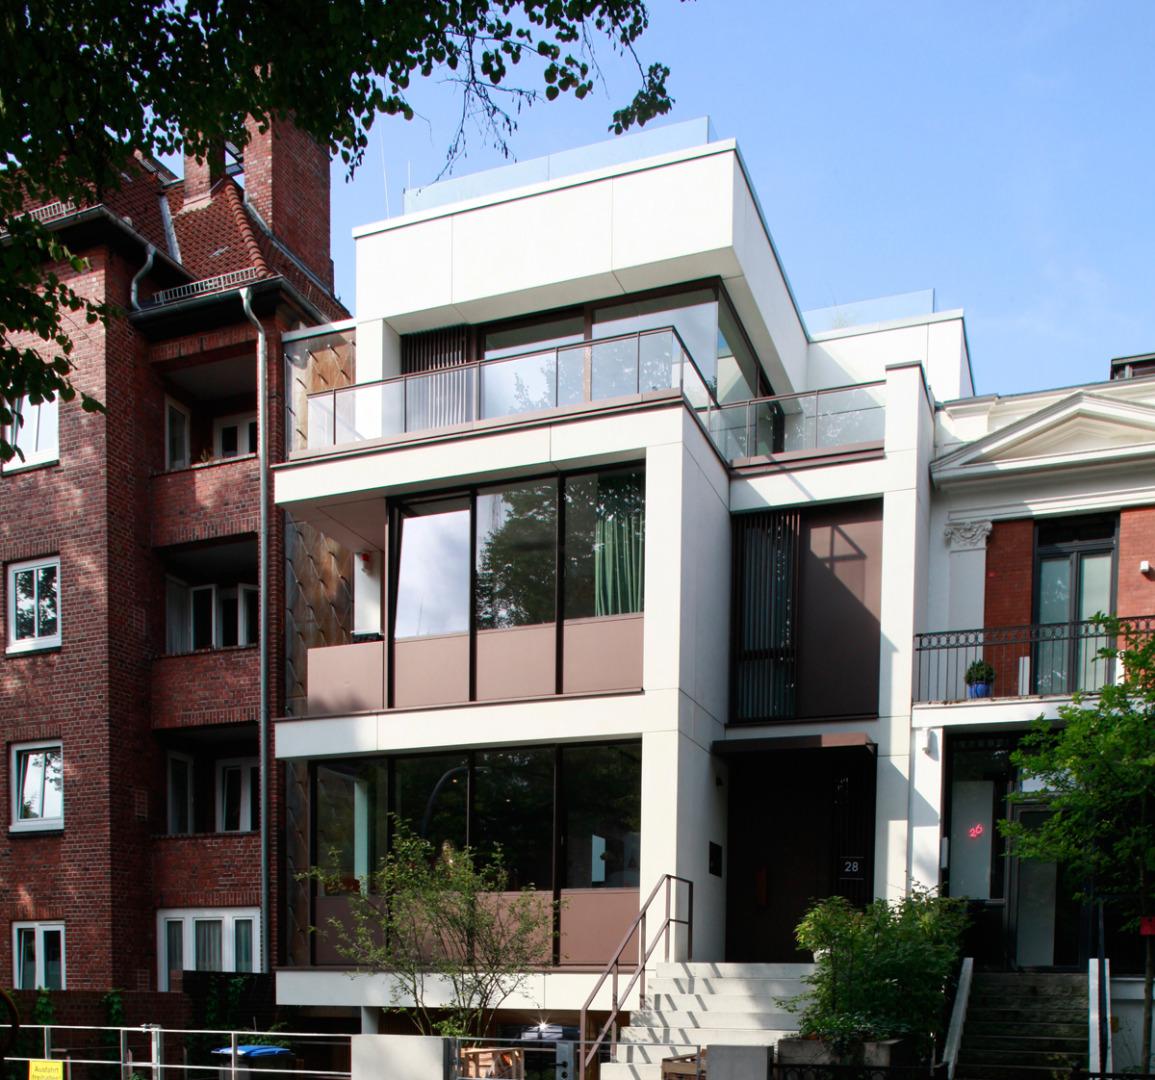 Koopstrasse Hamburg